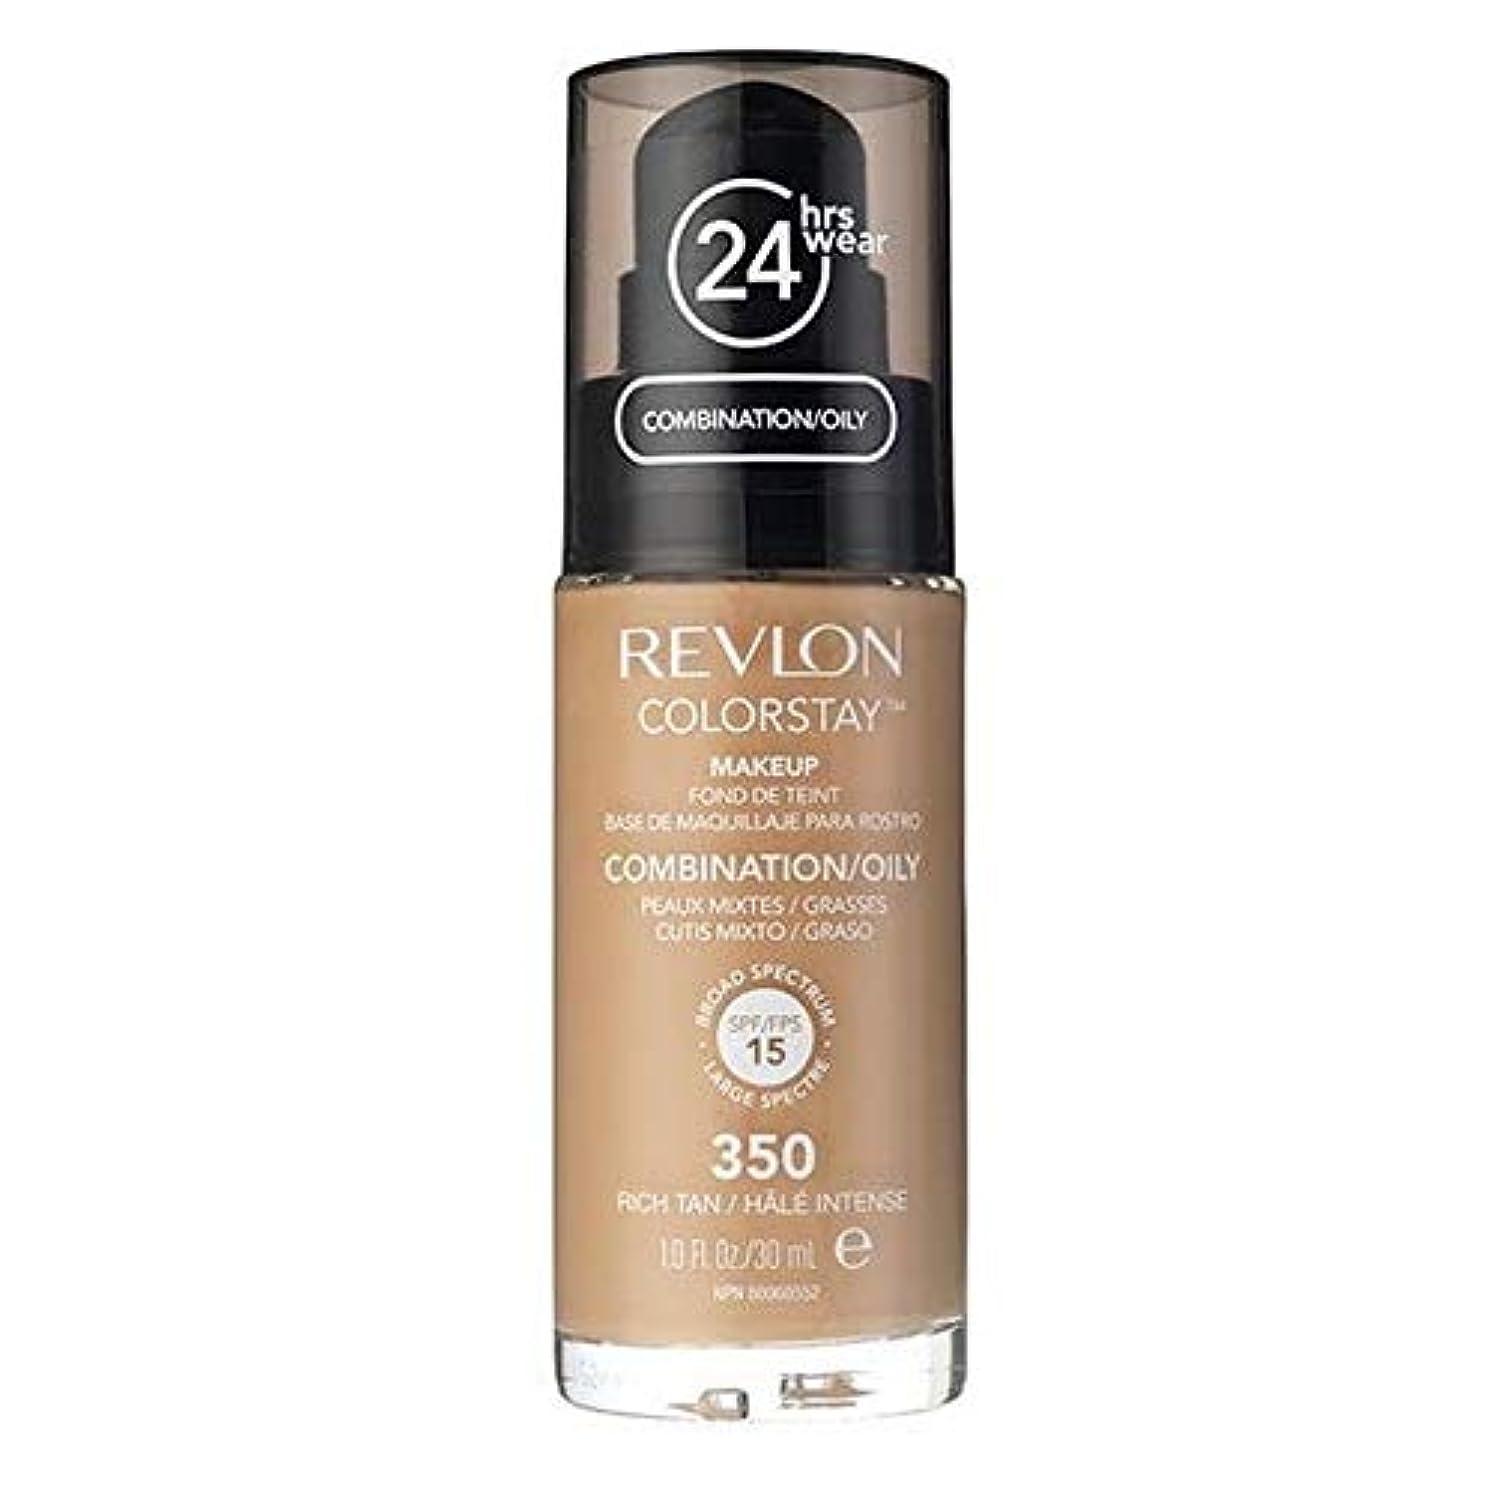 ディンカルビル夜間火山学者[Revlon ] レブロンカラーステイ基盤コンビ/油性豊かな日焼け30ミリリットル - Revlon Color Stay Foundation Combi/Oily Rich Tan 30ml [並行輸入品]